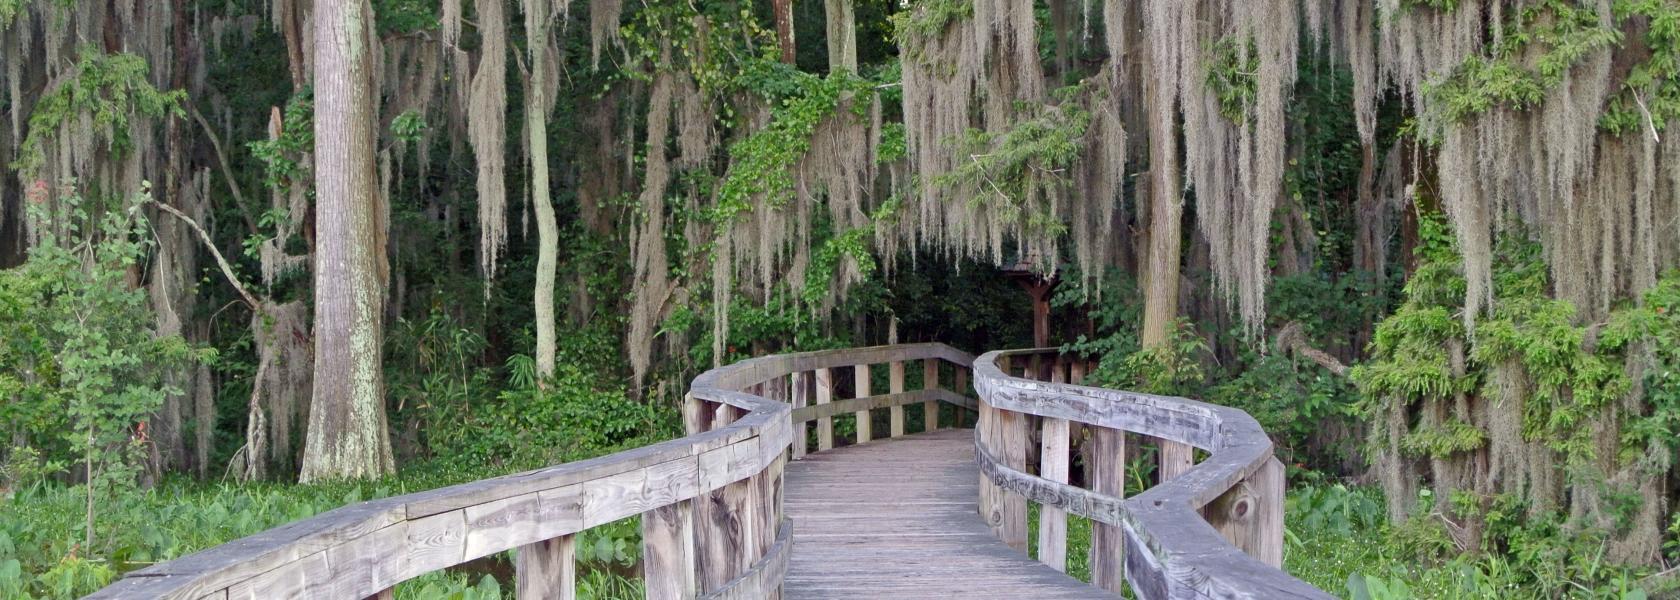 Swamp Boardwalk